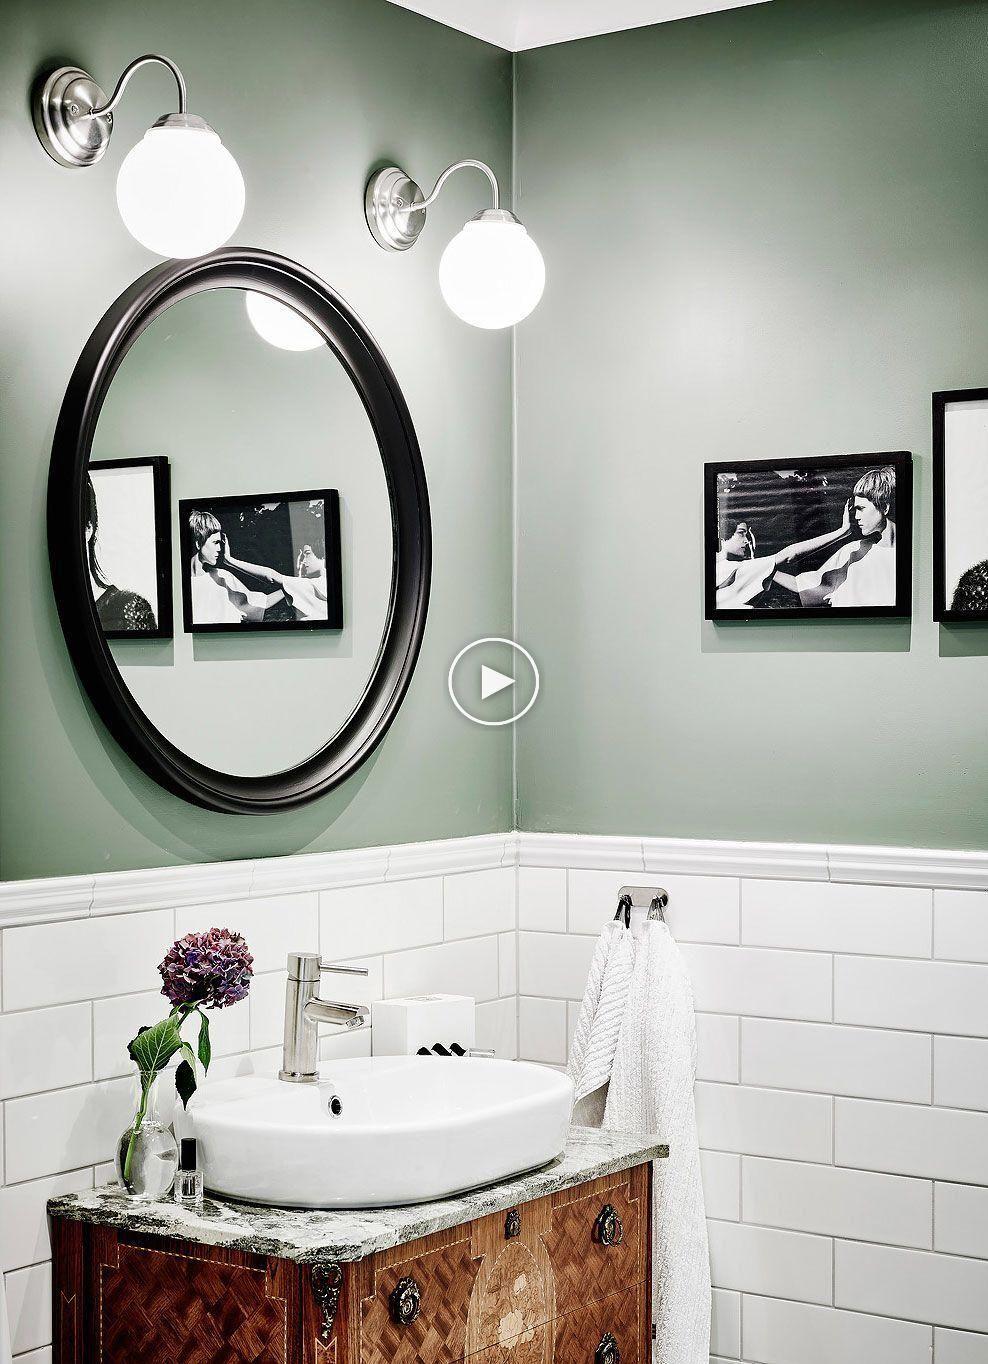 10 Schone Moglichkeiten Um Mit Salbei Zu Dekorieren 10 Schone Moglichkeiten Um Mit Salbei Zu Dekorieren Green Bathroom Rustic Bathroom Decor Bathroom Decor